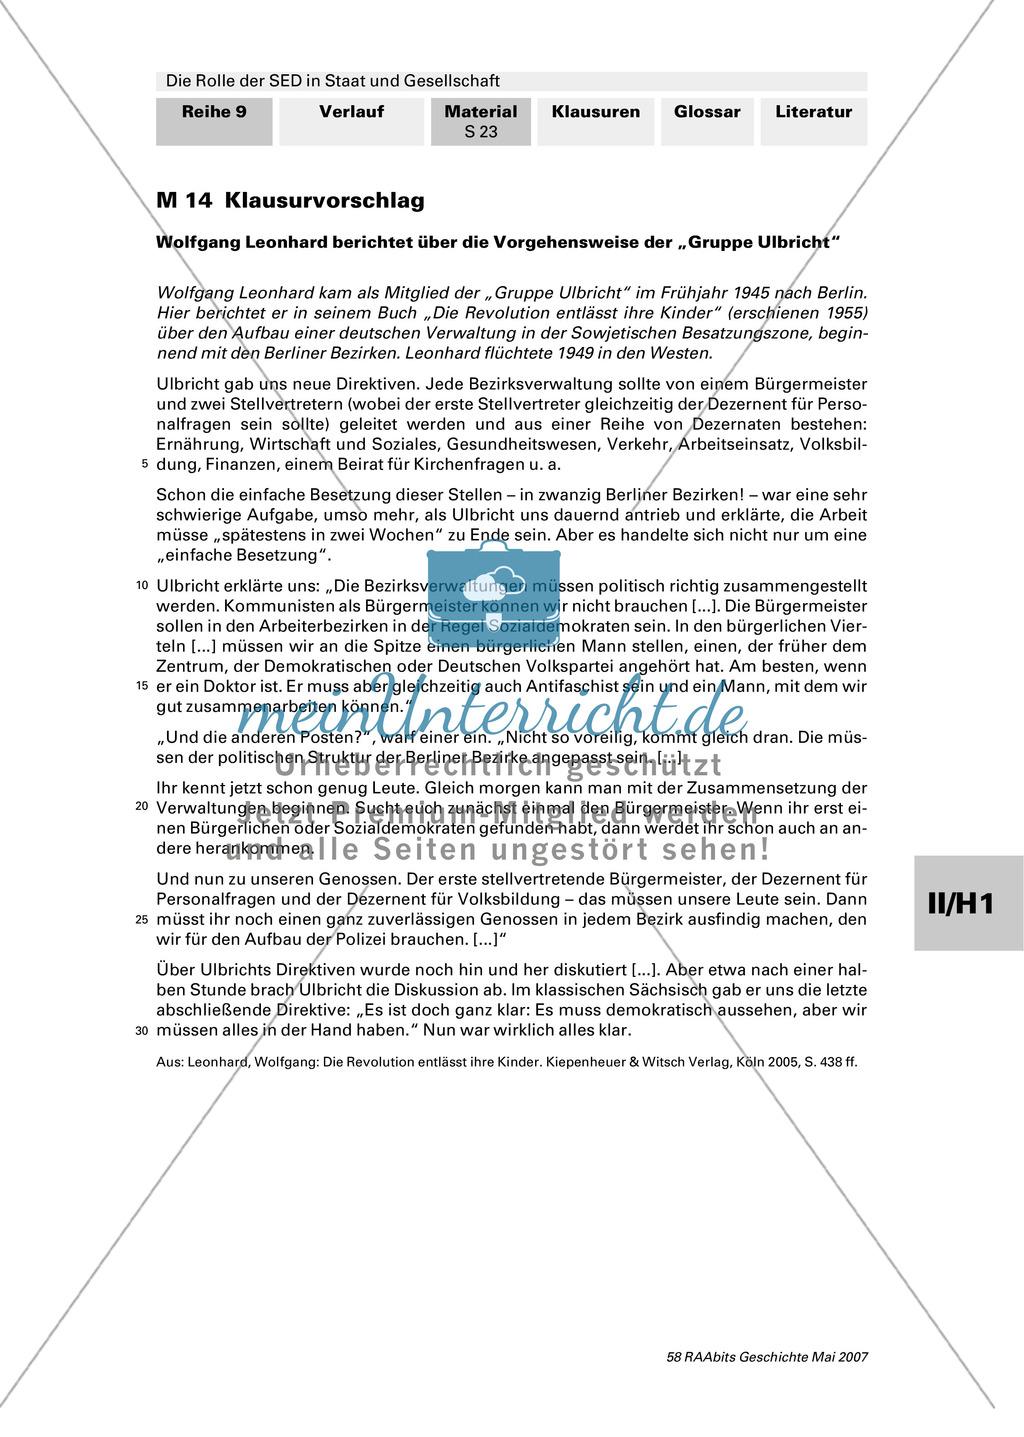 Die Rolle der SED in Staat und Gesellschaft. Preview 0